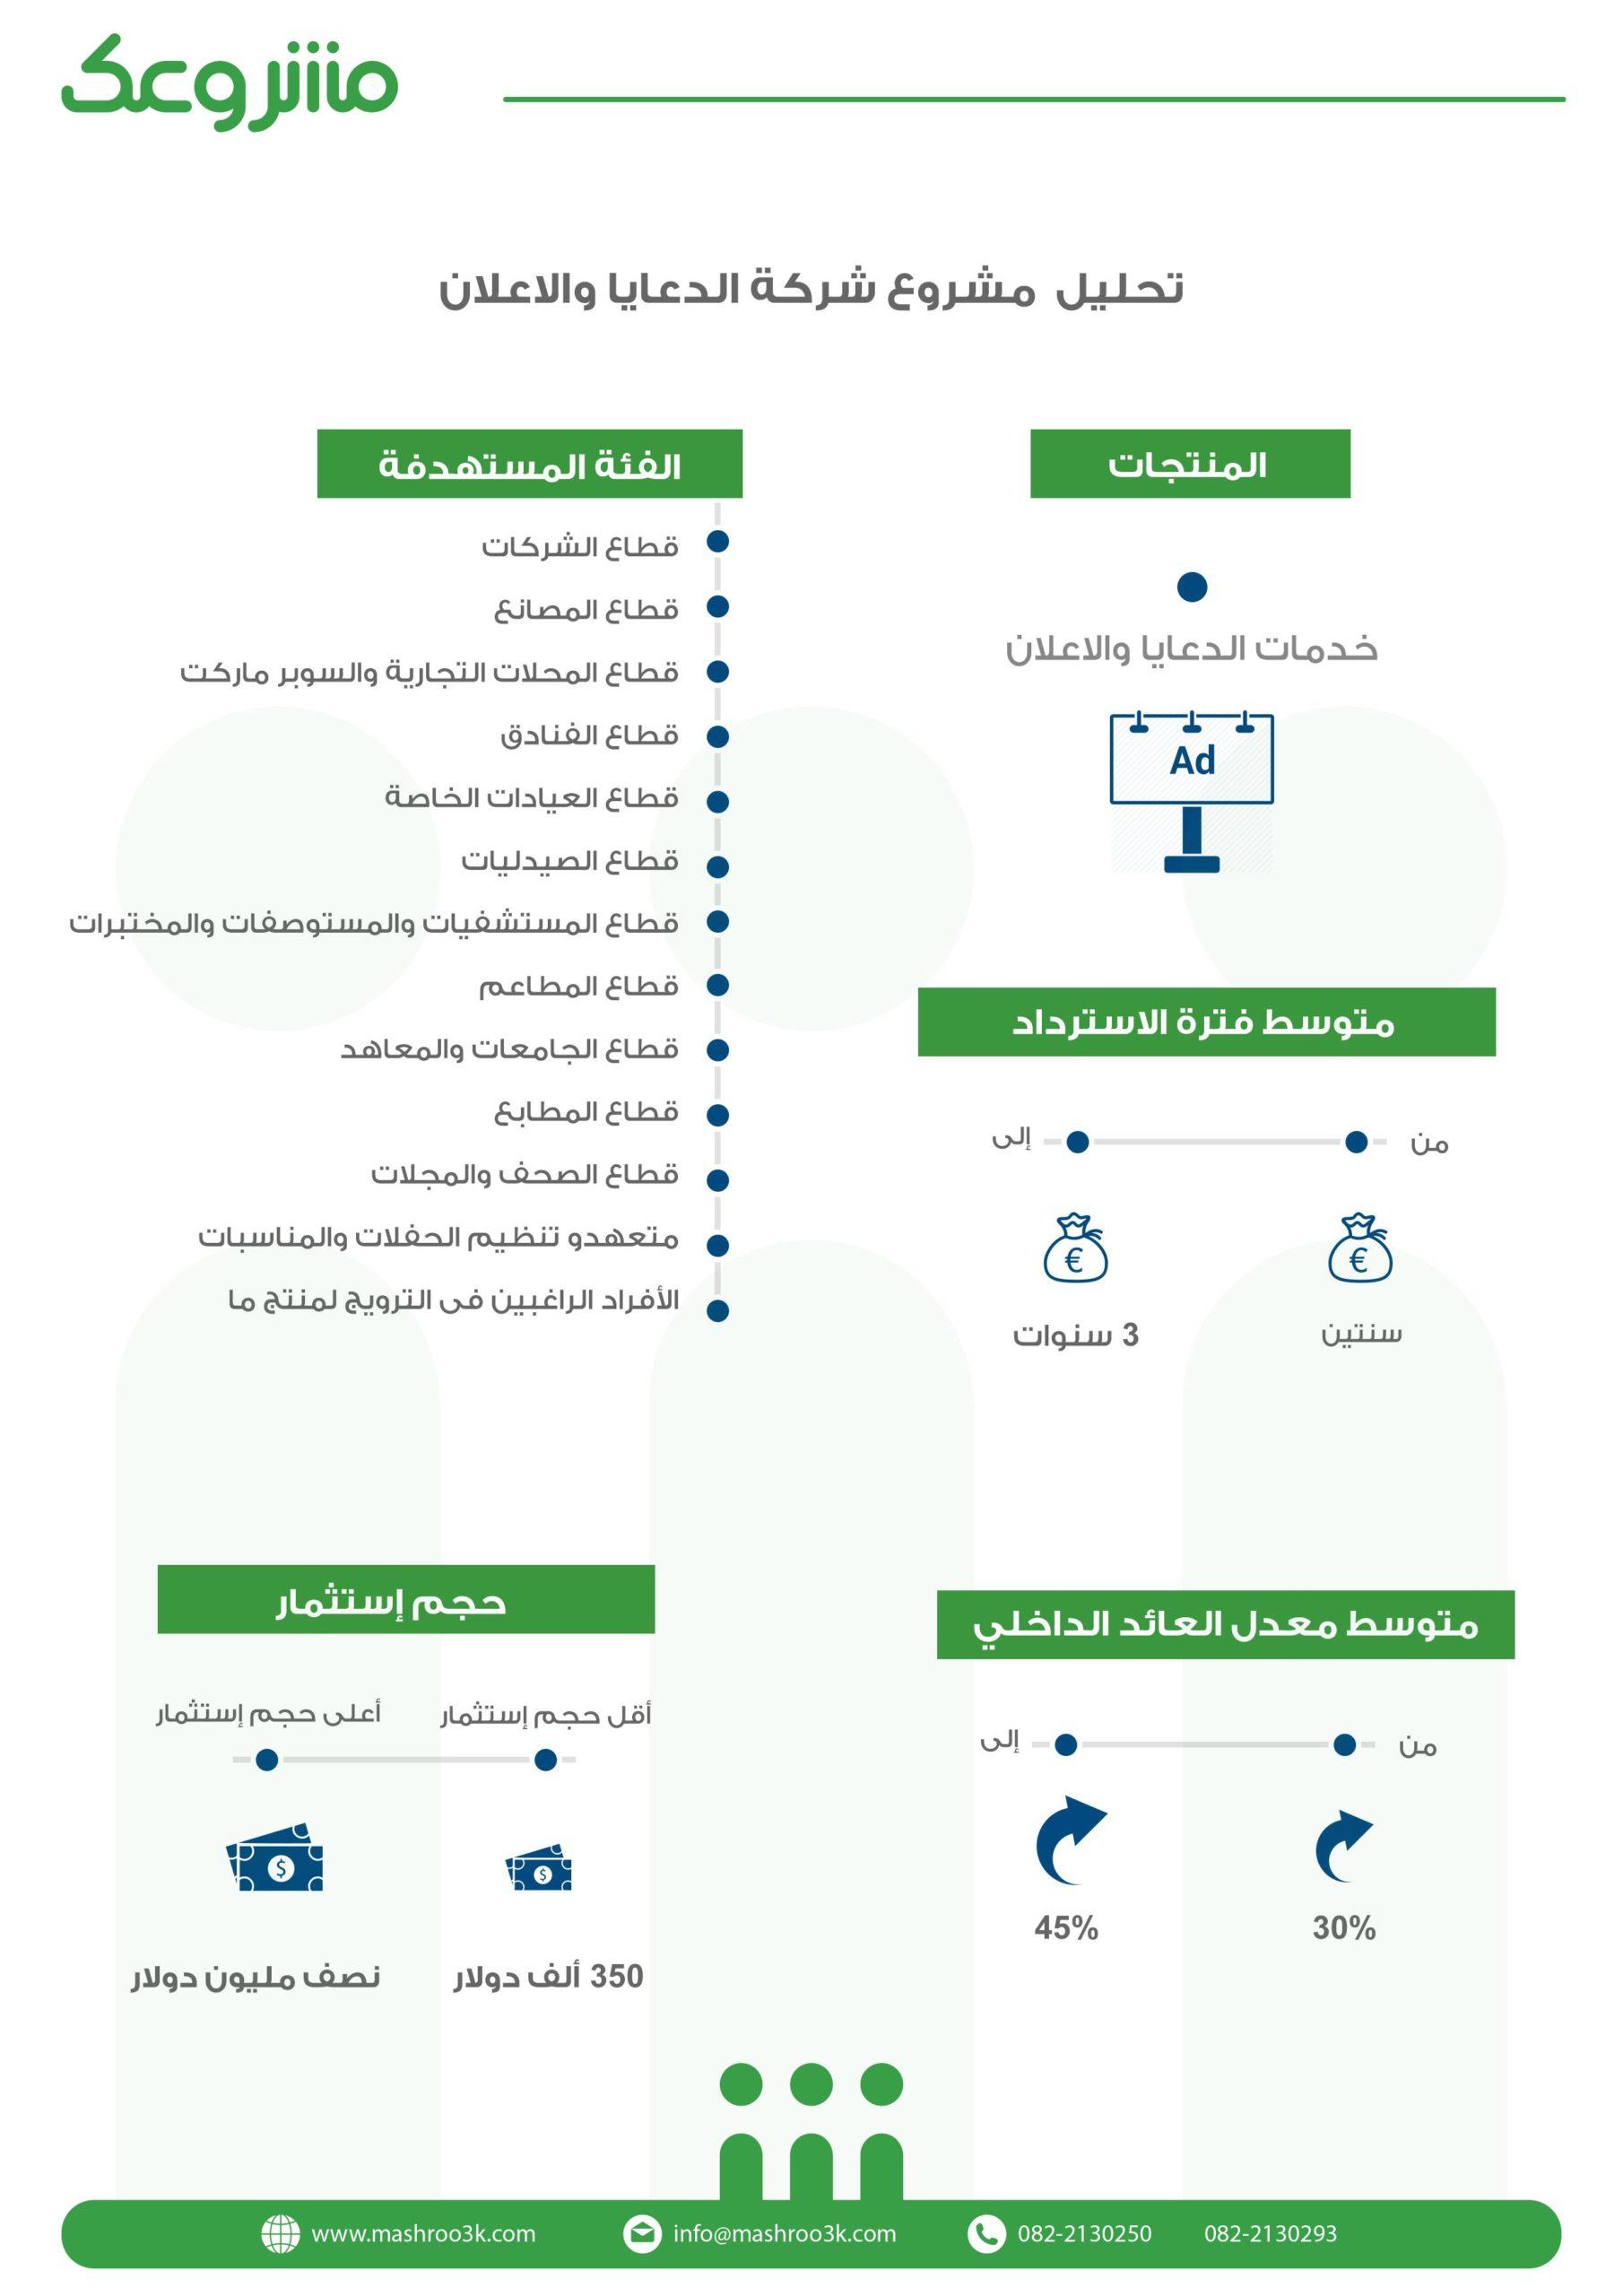 المؤشرات المالية لمشروع شركة دعاية وإعلان